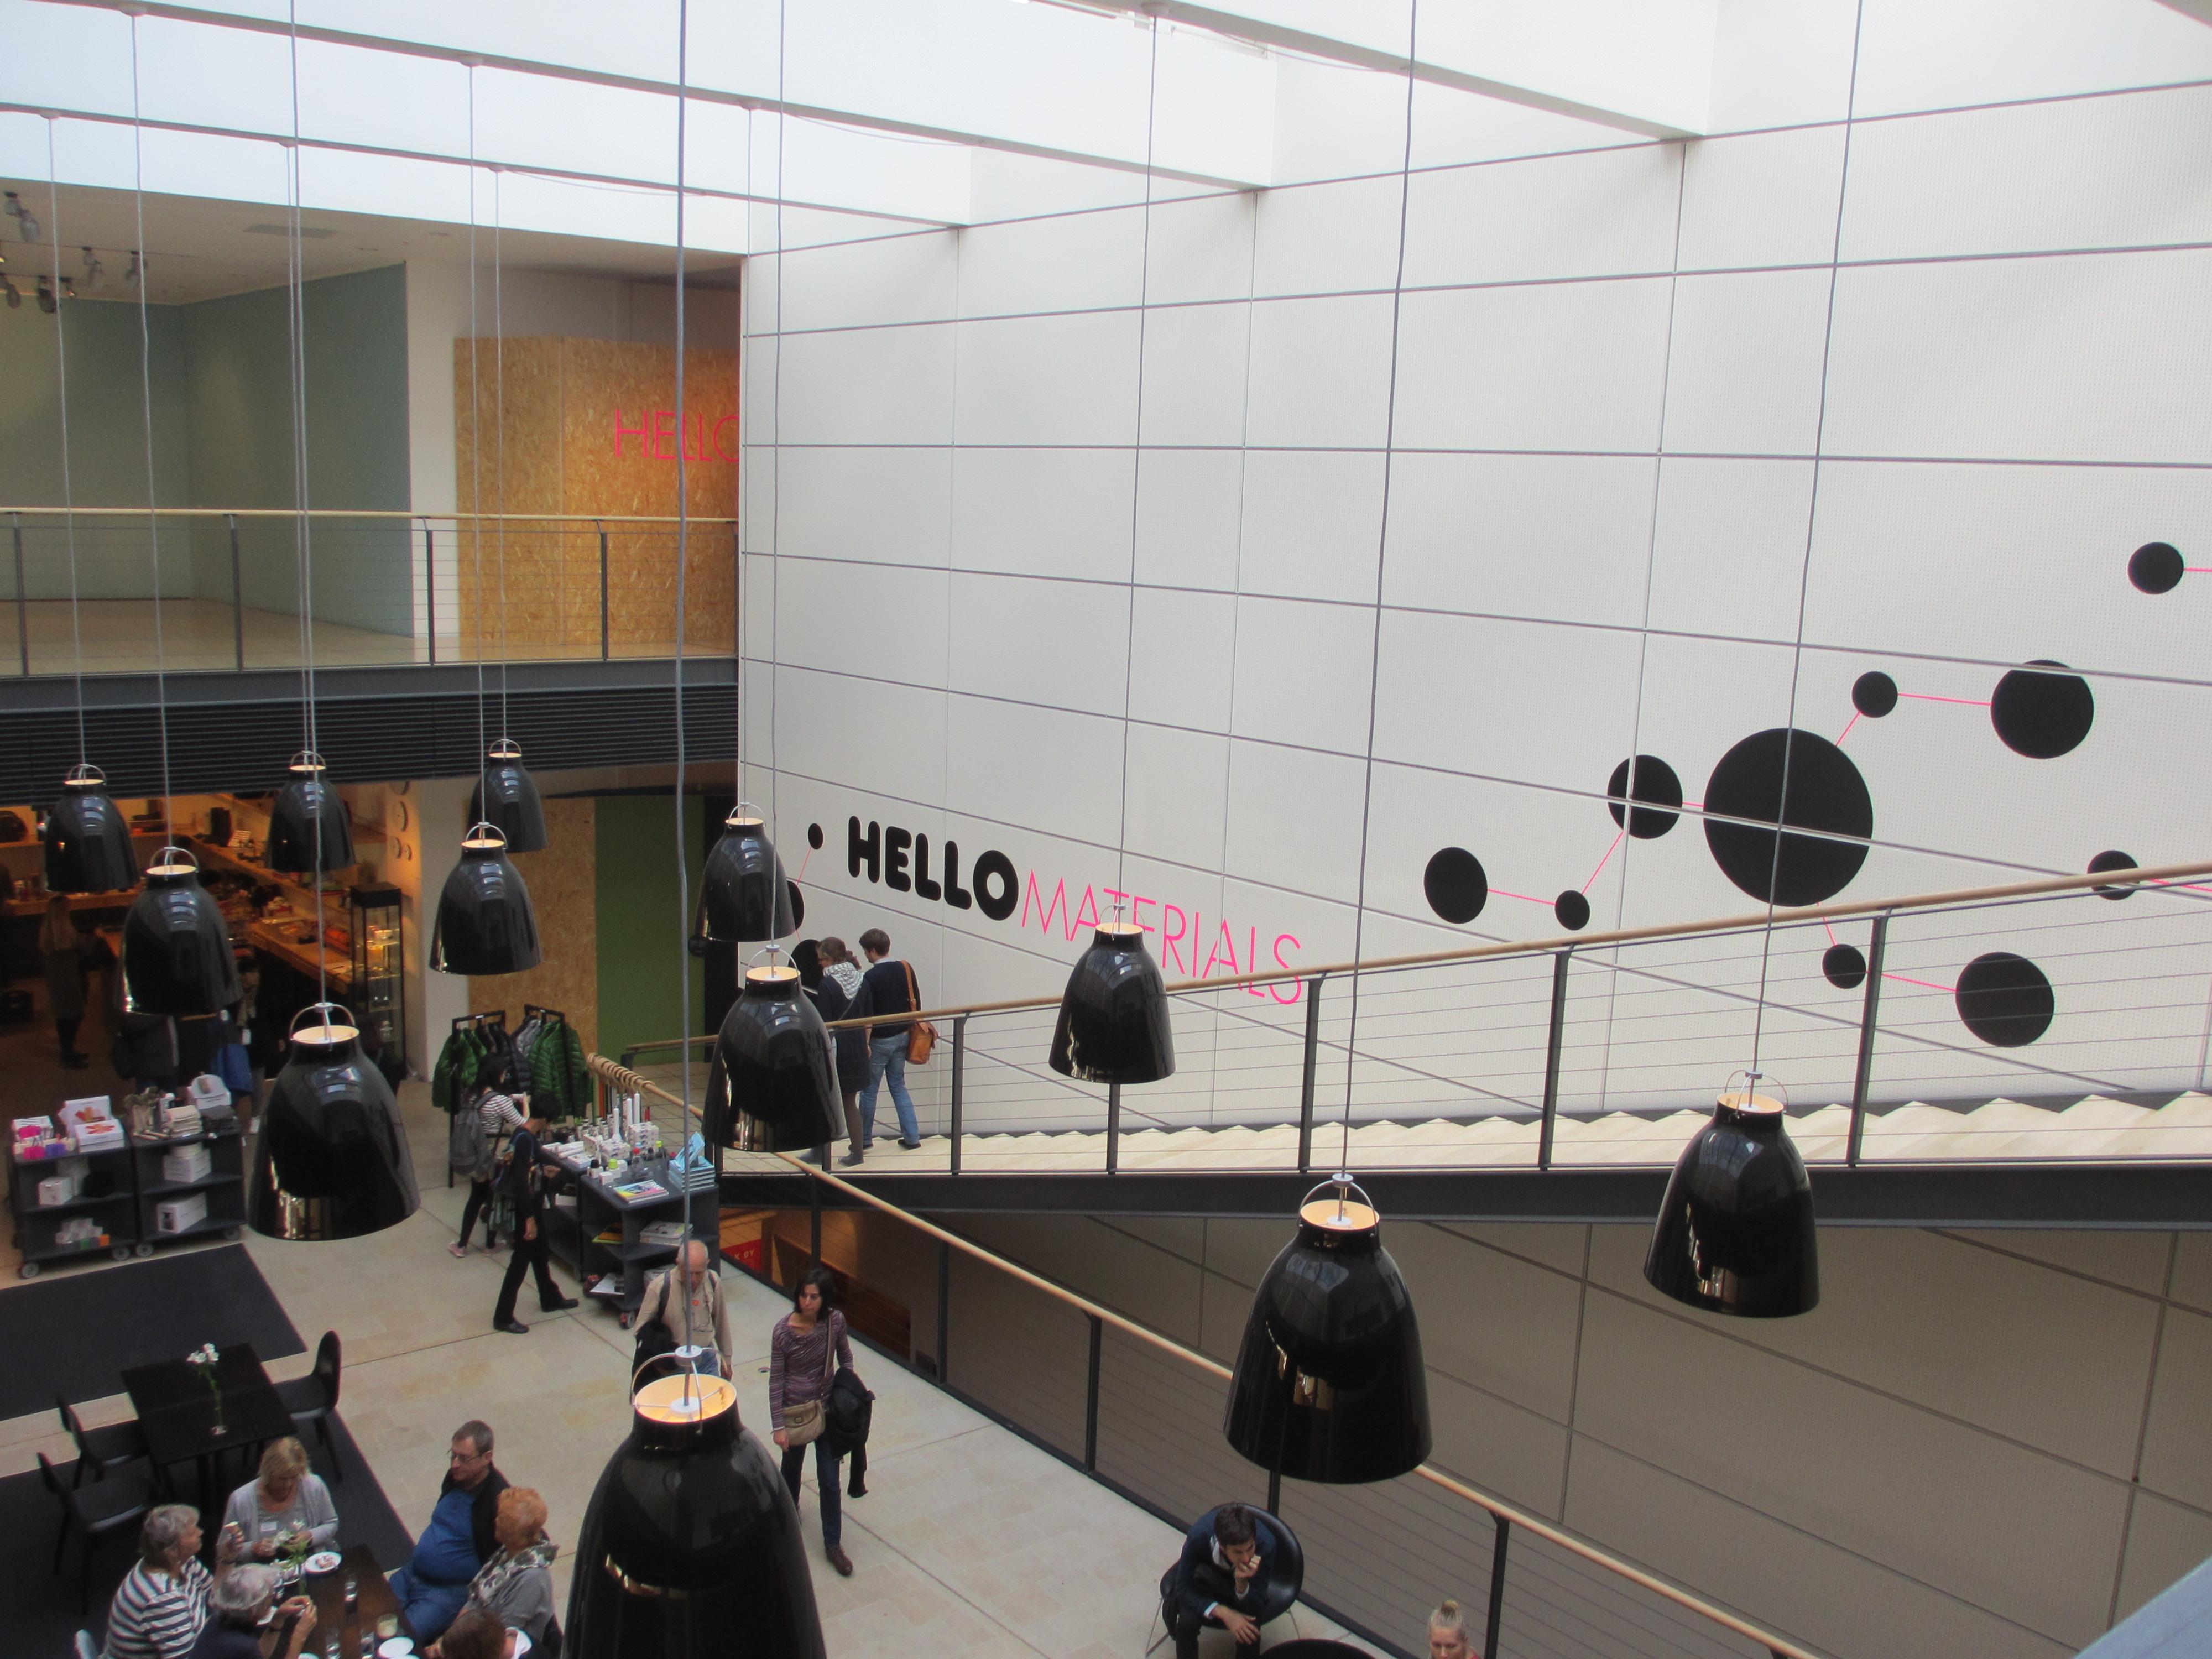 Inside the Danish Design Center